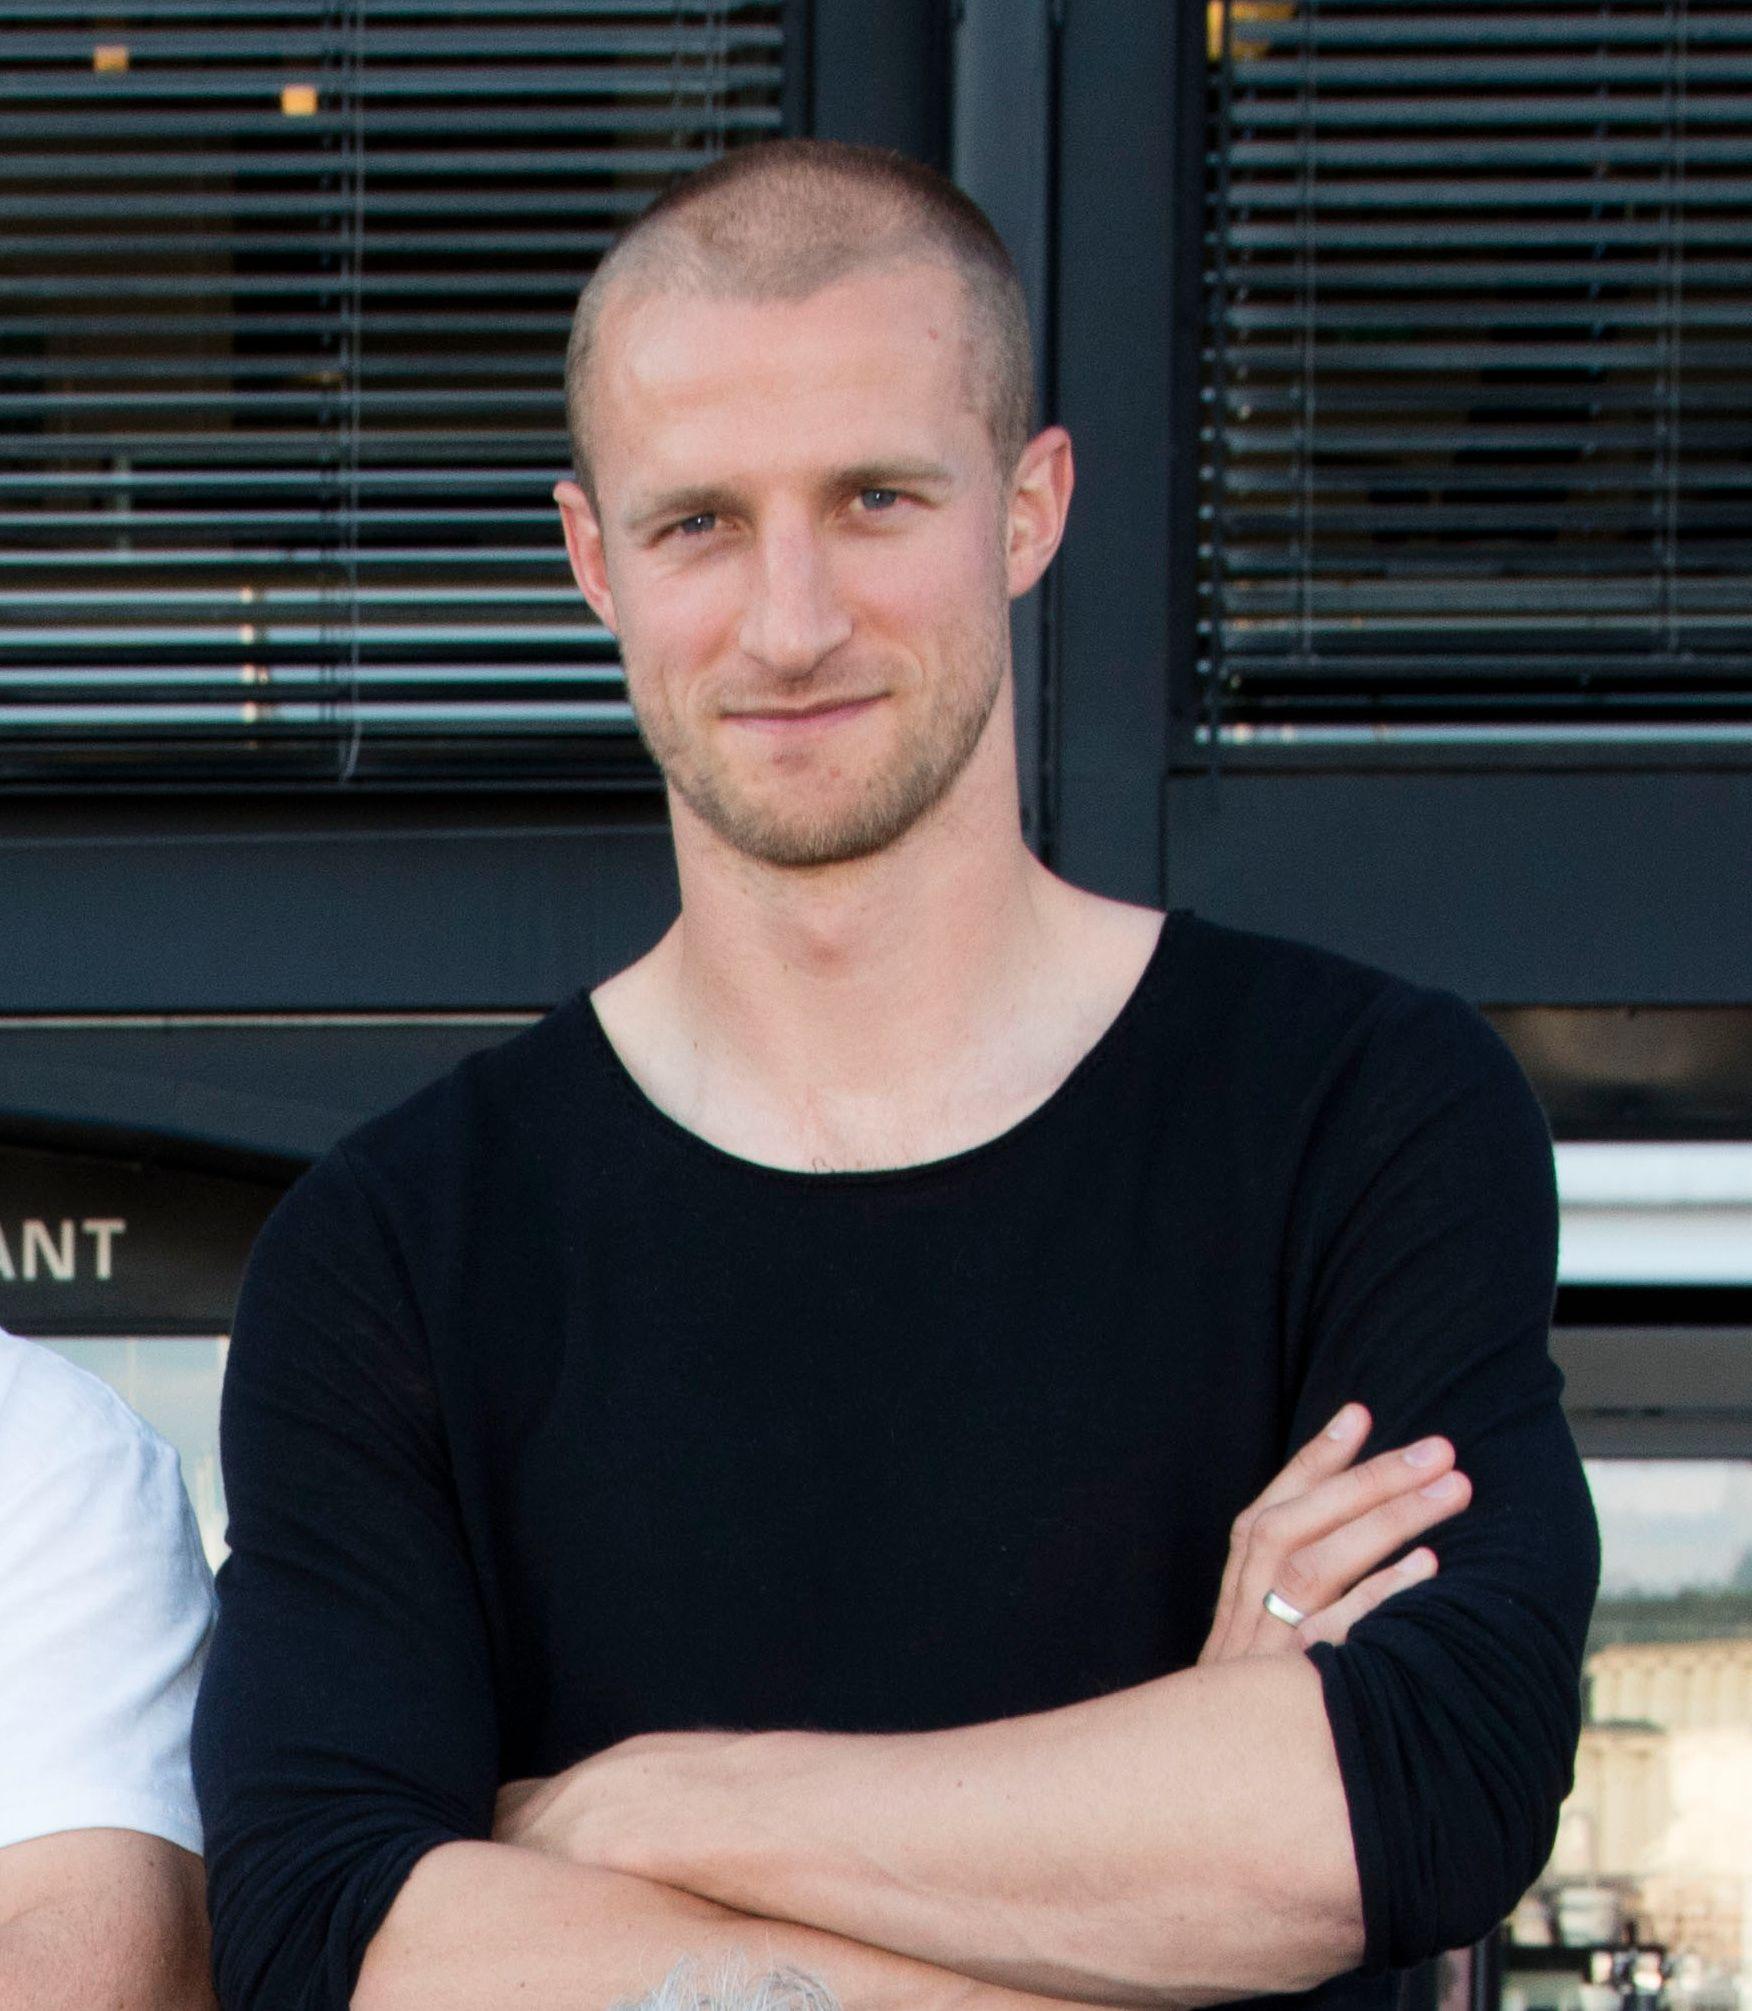 TV 2-EKSPERT: Tidligere landslagsspiller Brede Hangeland.